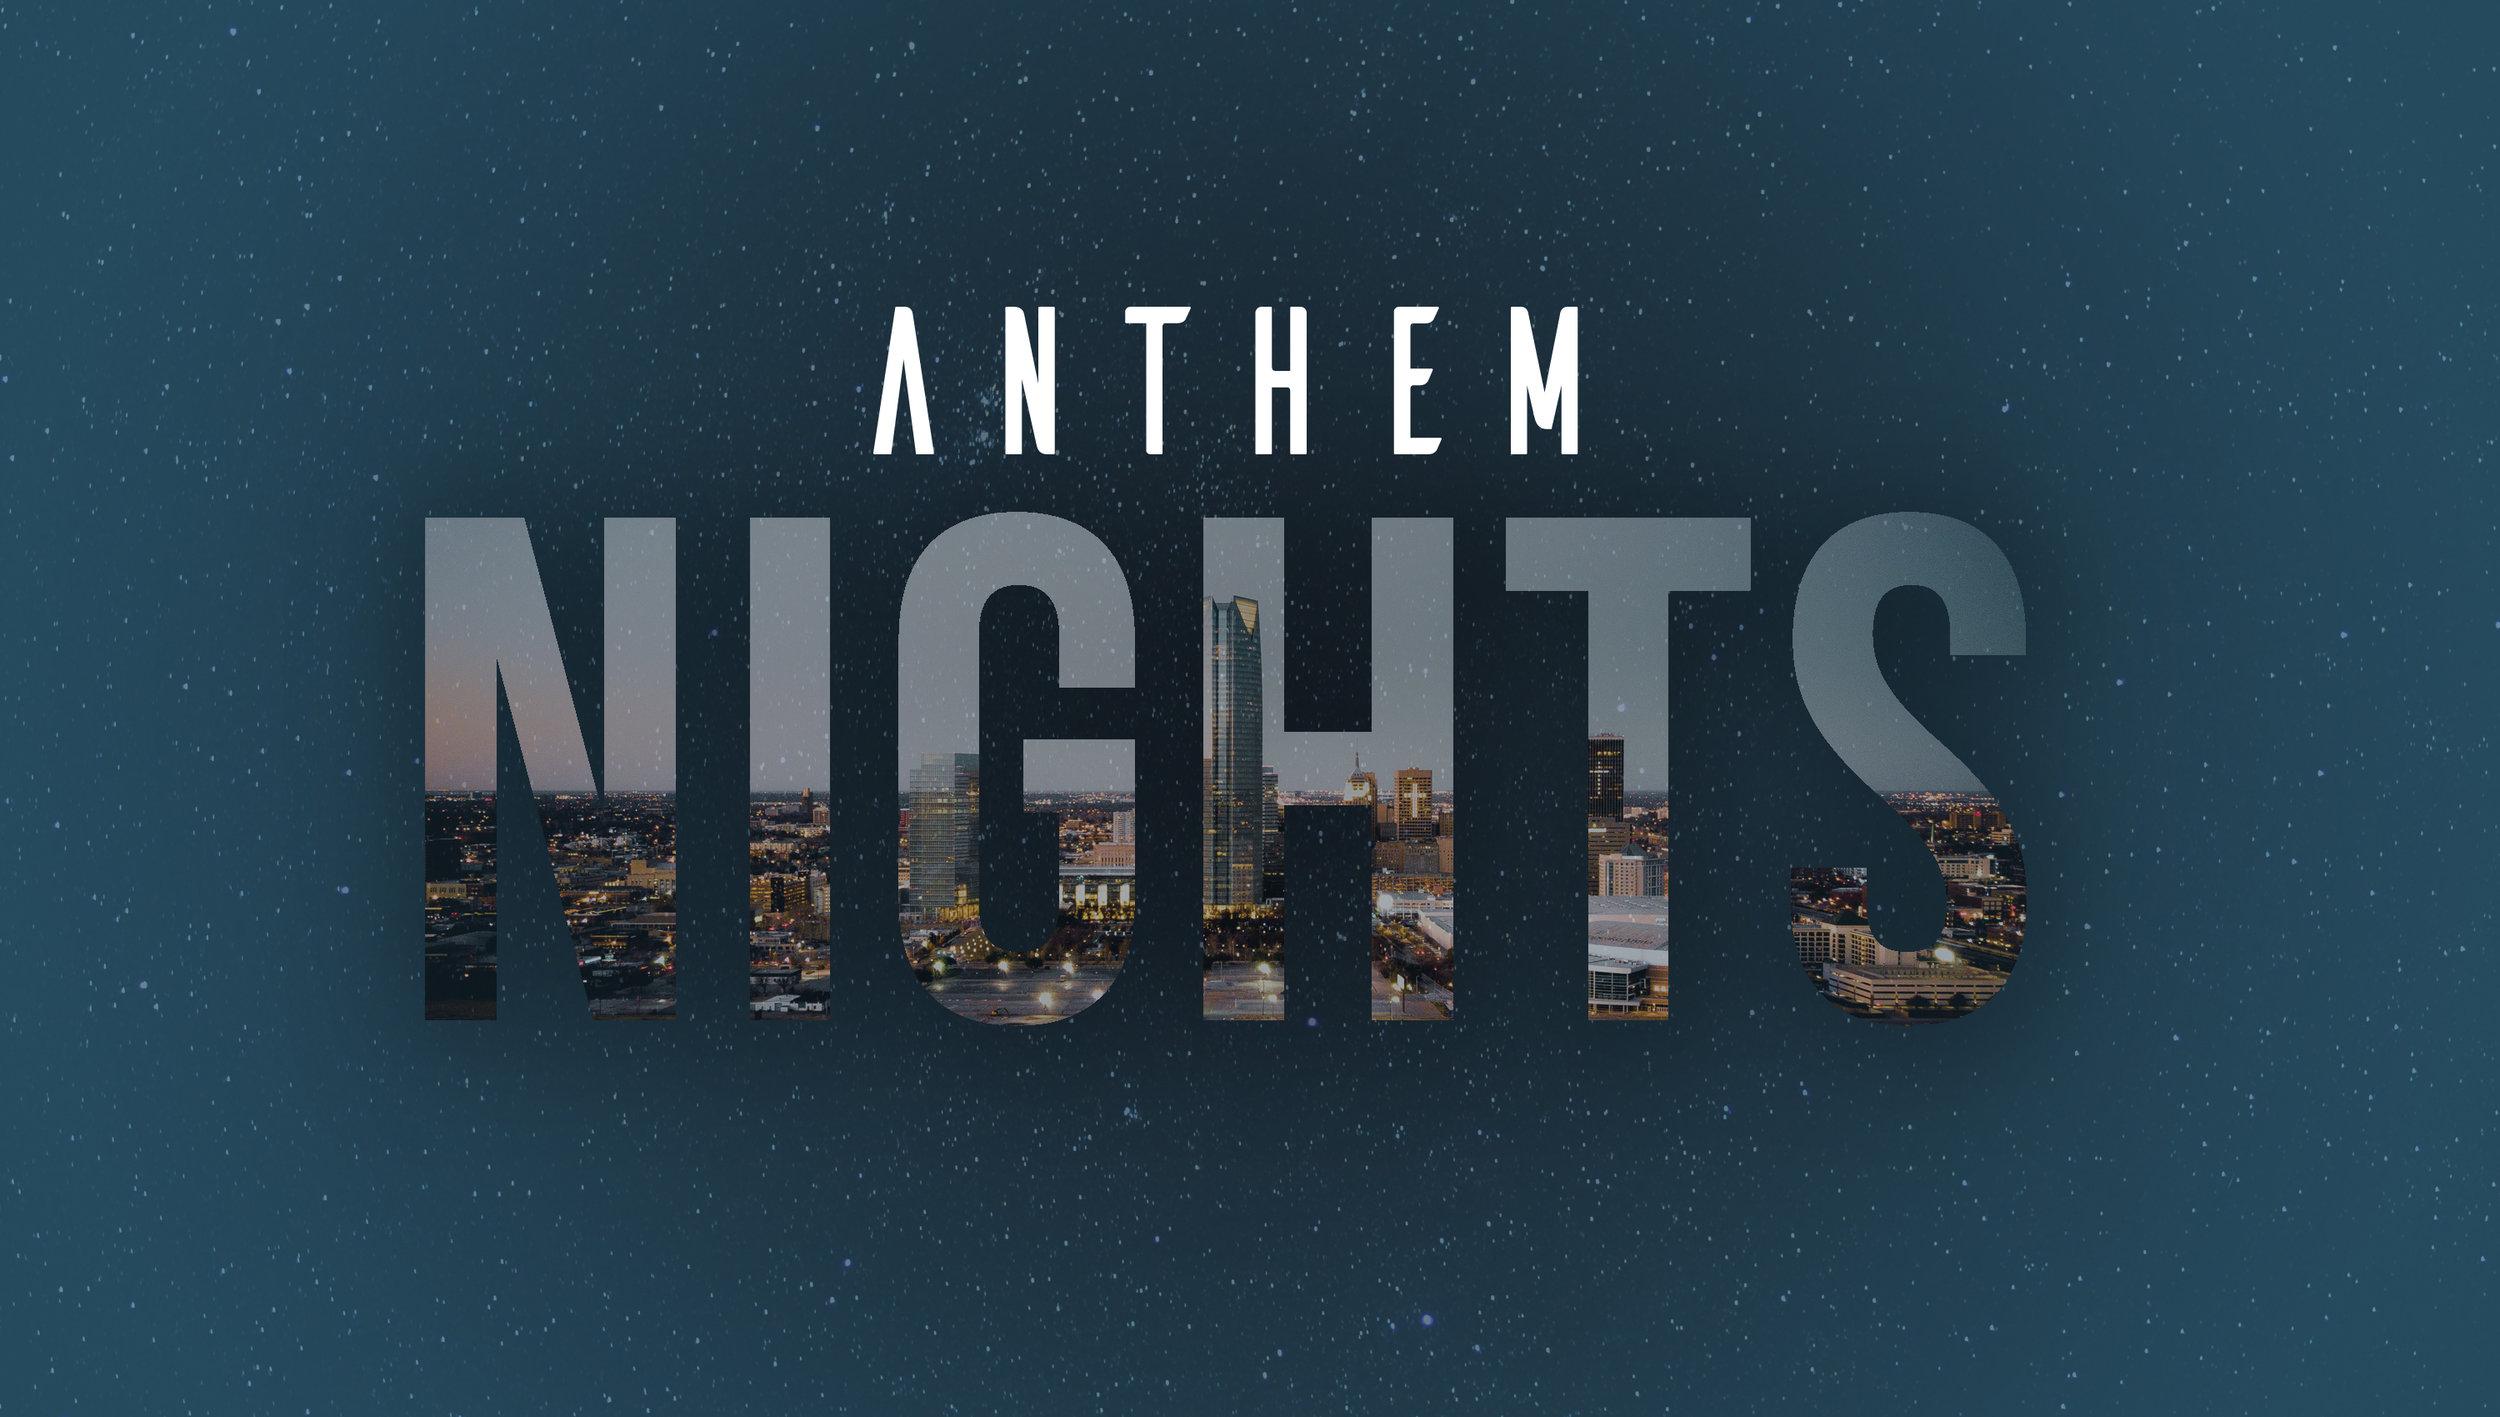 Anthem Nights.jpg